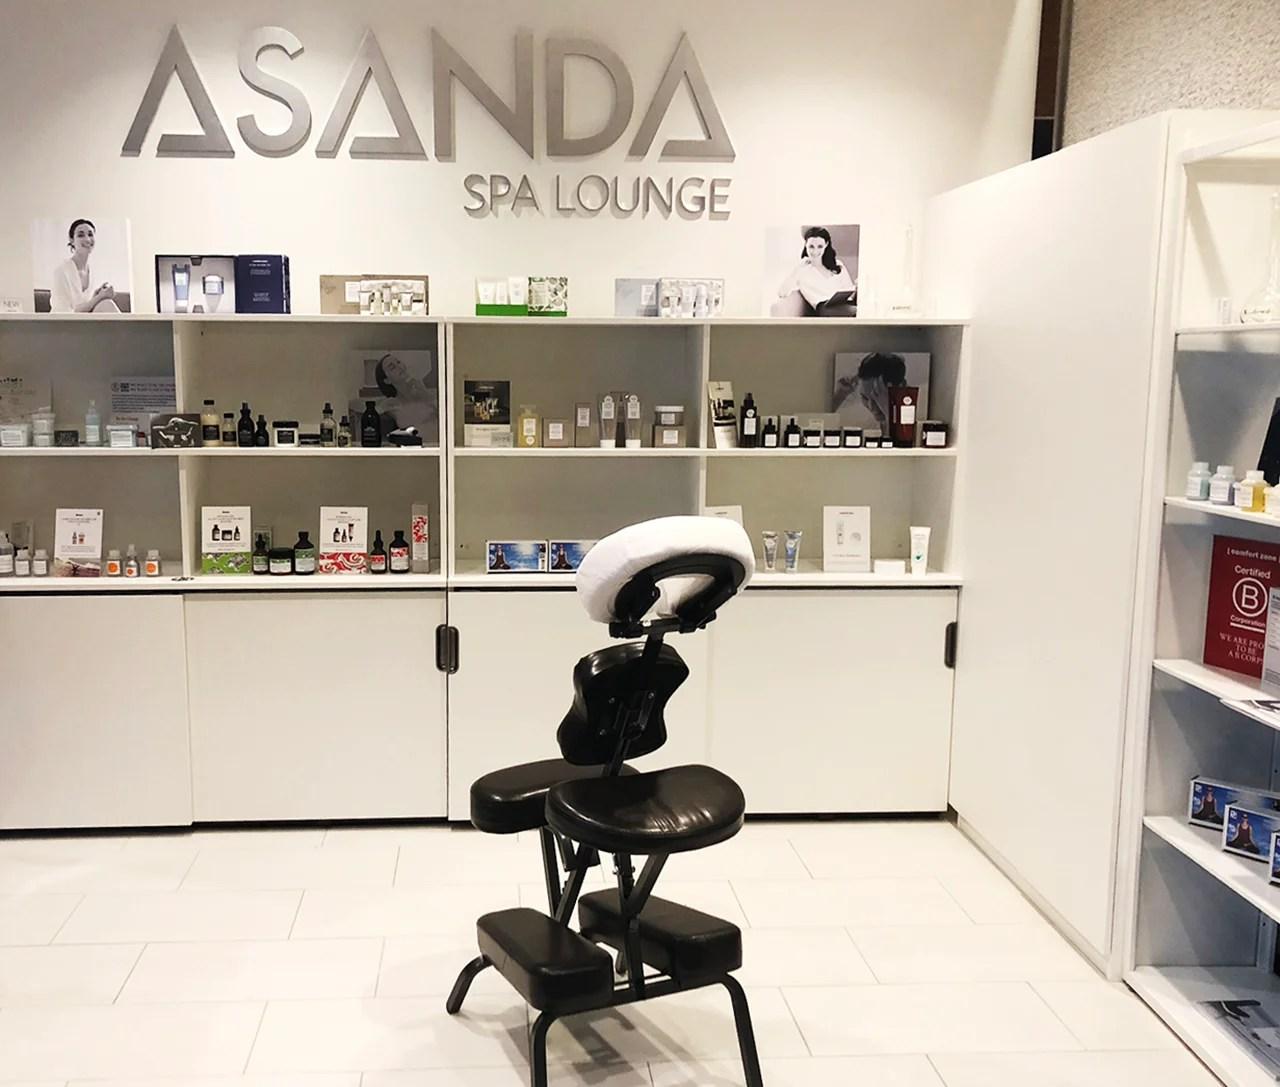 A Review Of Deltas New Asanda Spa At Atlanta Airport